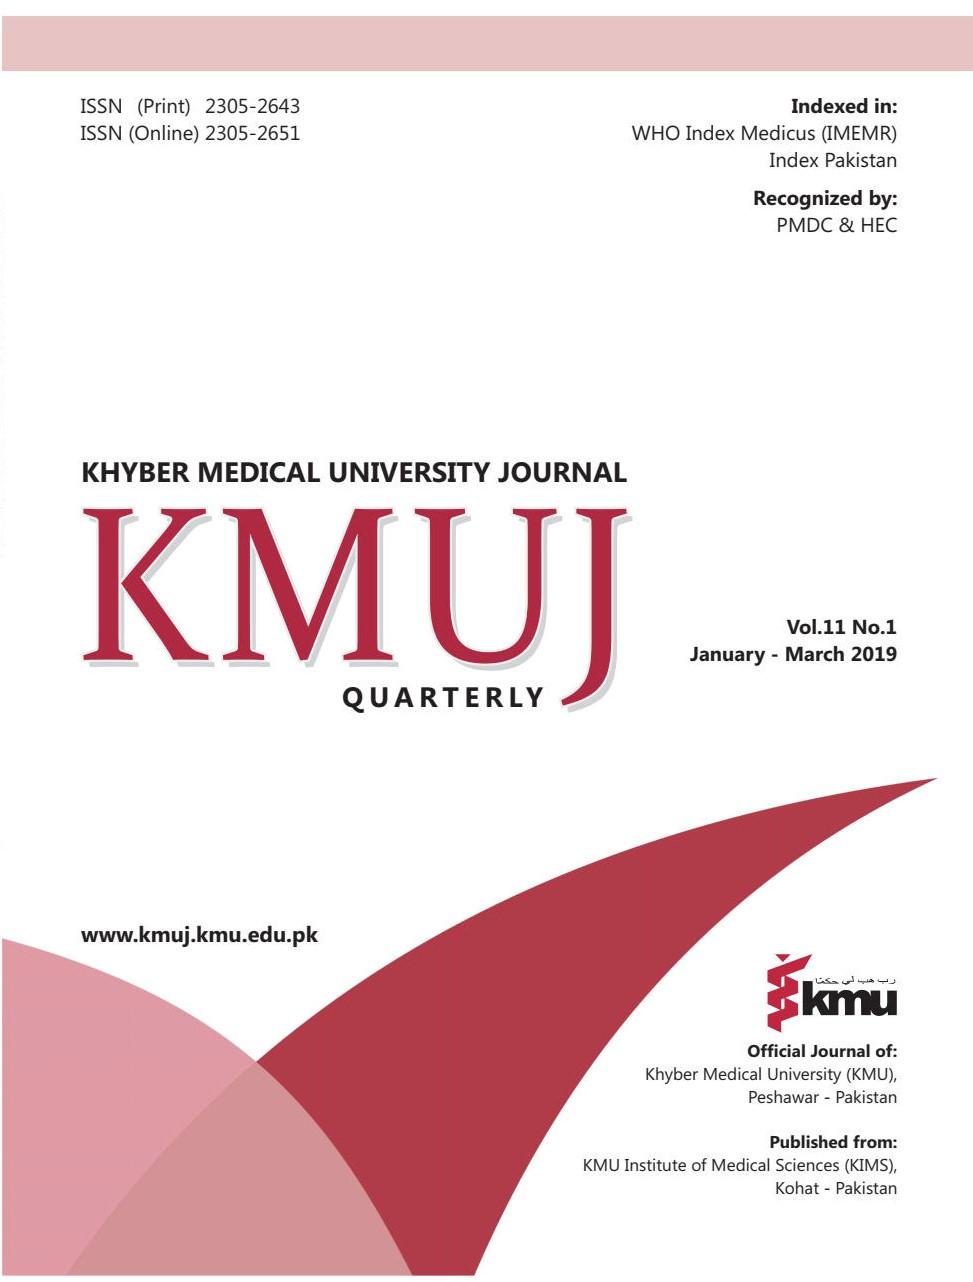 KHYBER MEDICAL UNIVERSITY JOURNAL